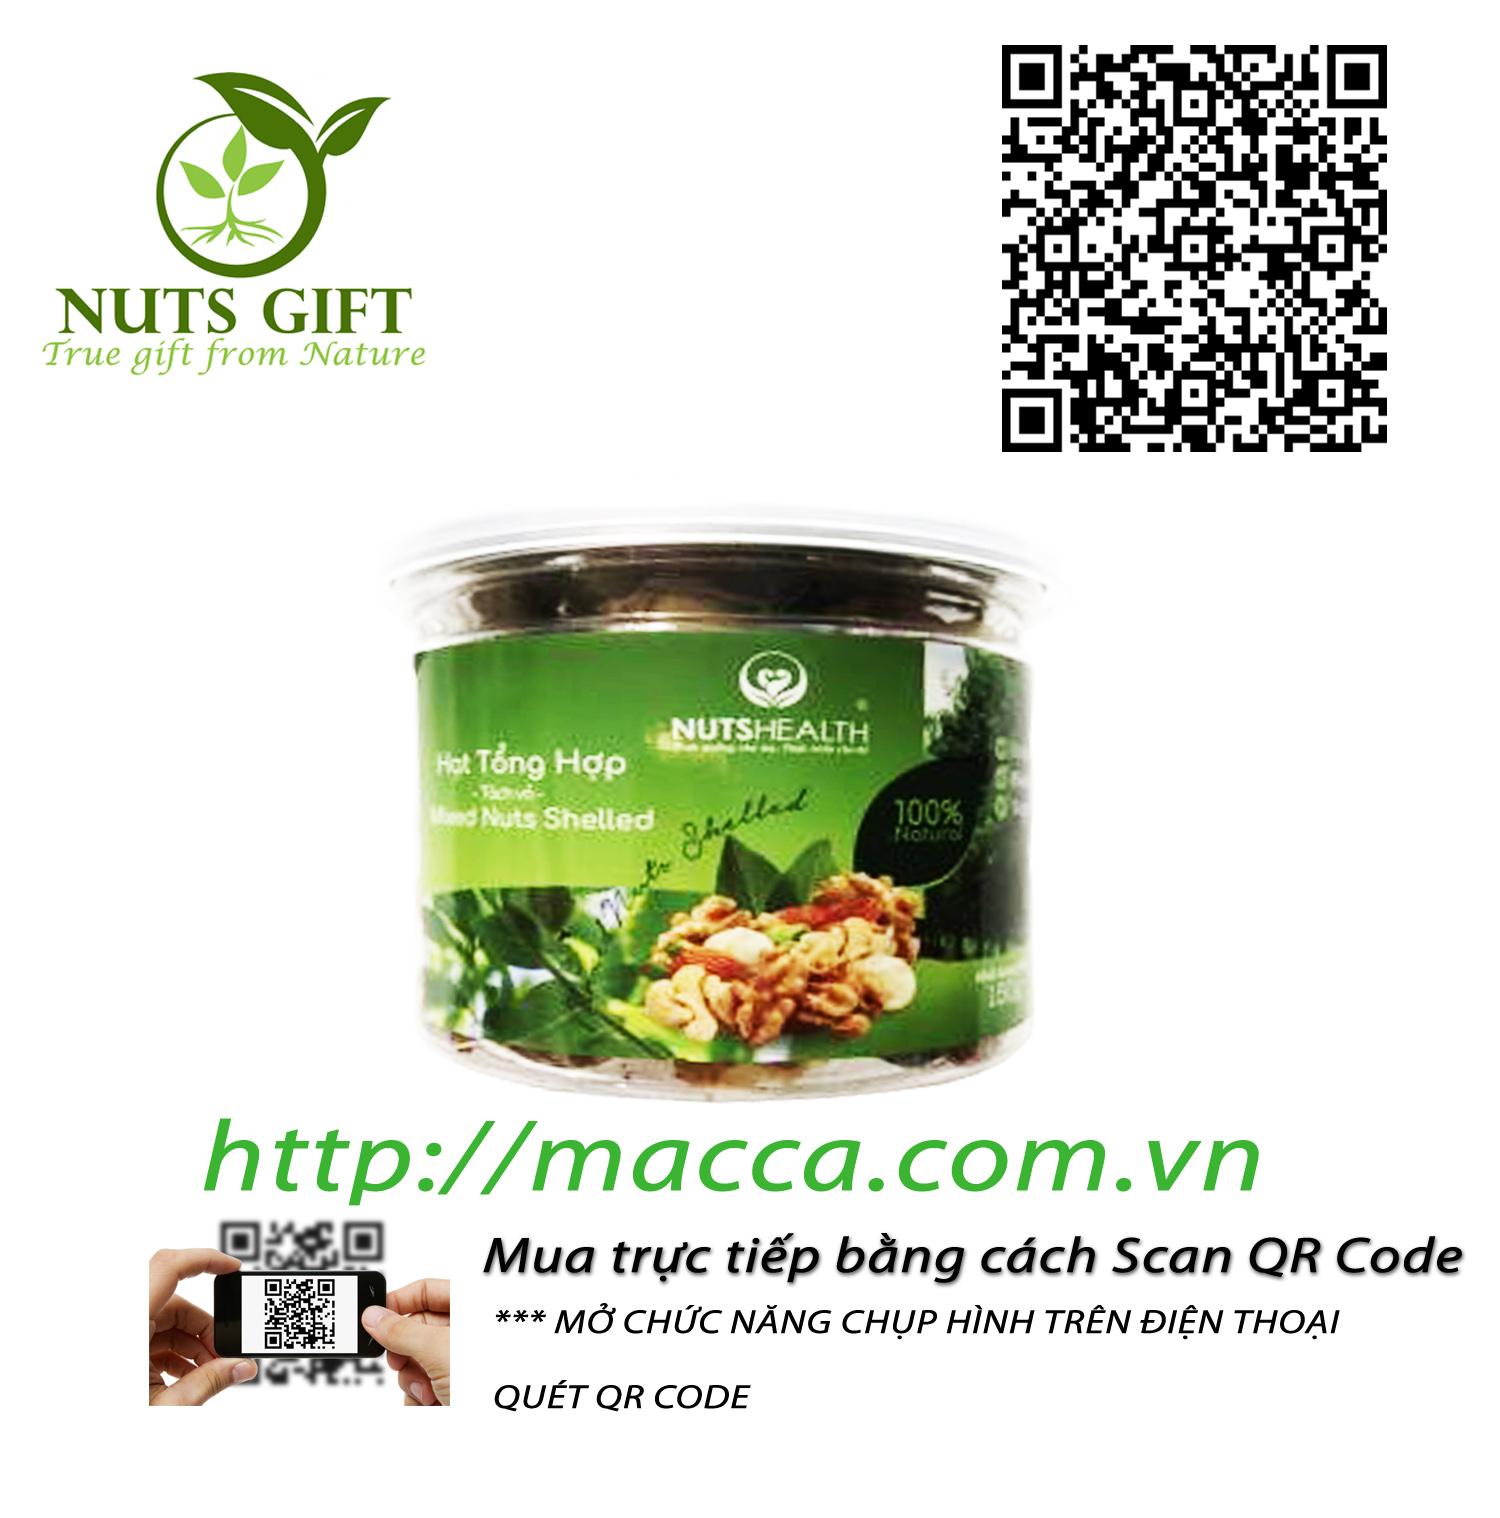 Nhân Hạt Tổng Hợp (Mixed Nuts) – Nutshealth – 150g